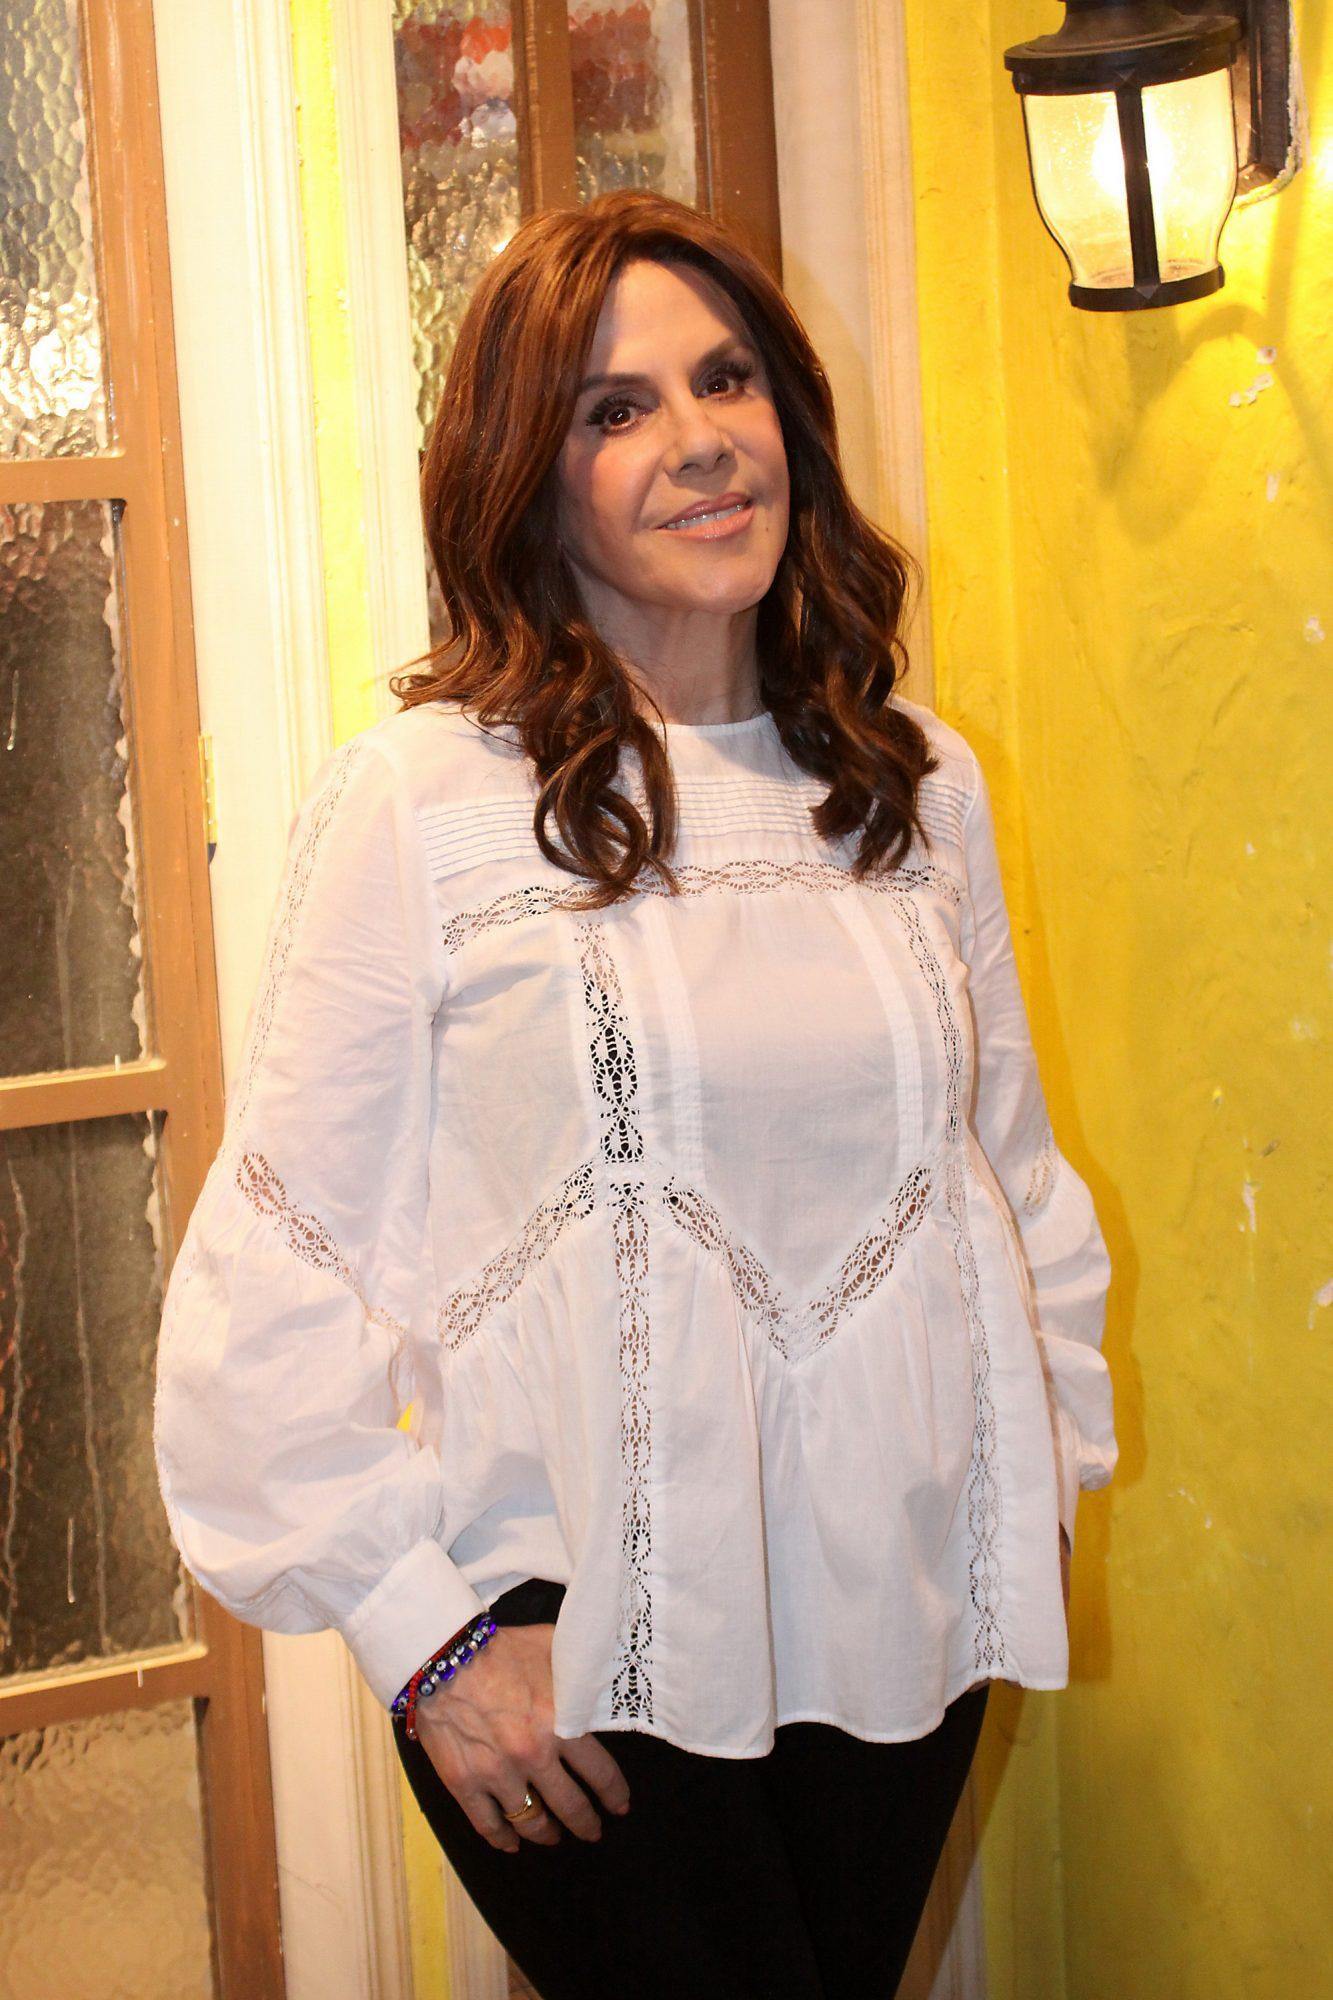 La actriz mexicana reúne la experiencia necesaria para lograr que el público vuelva a enamorarse de esta historia.